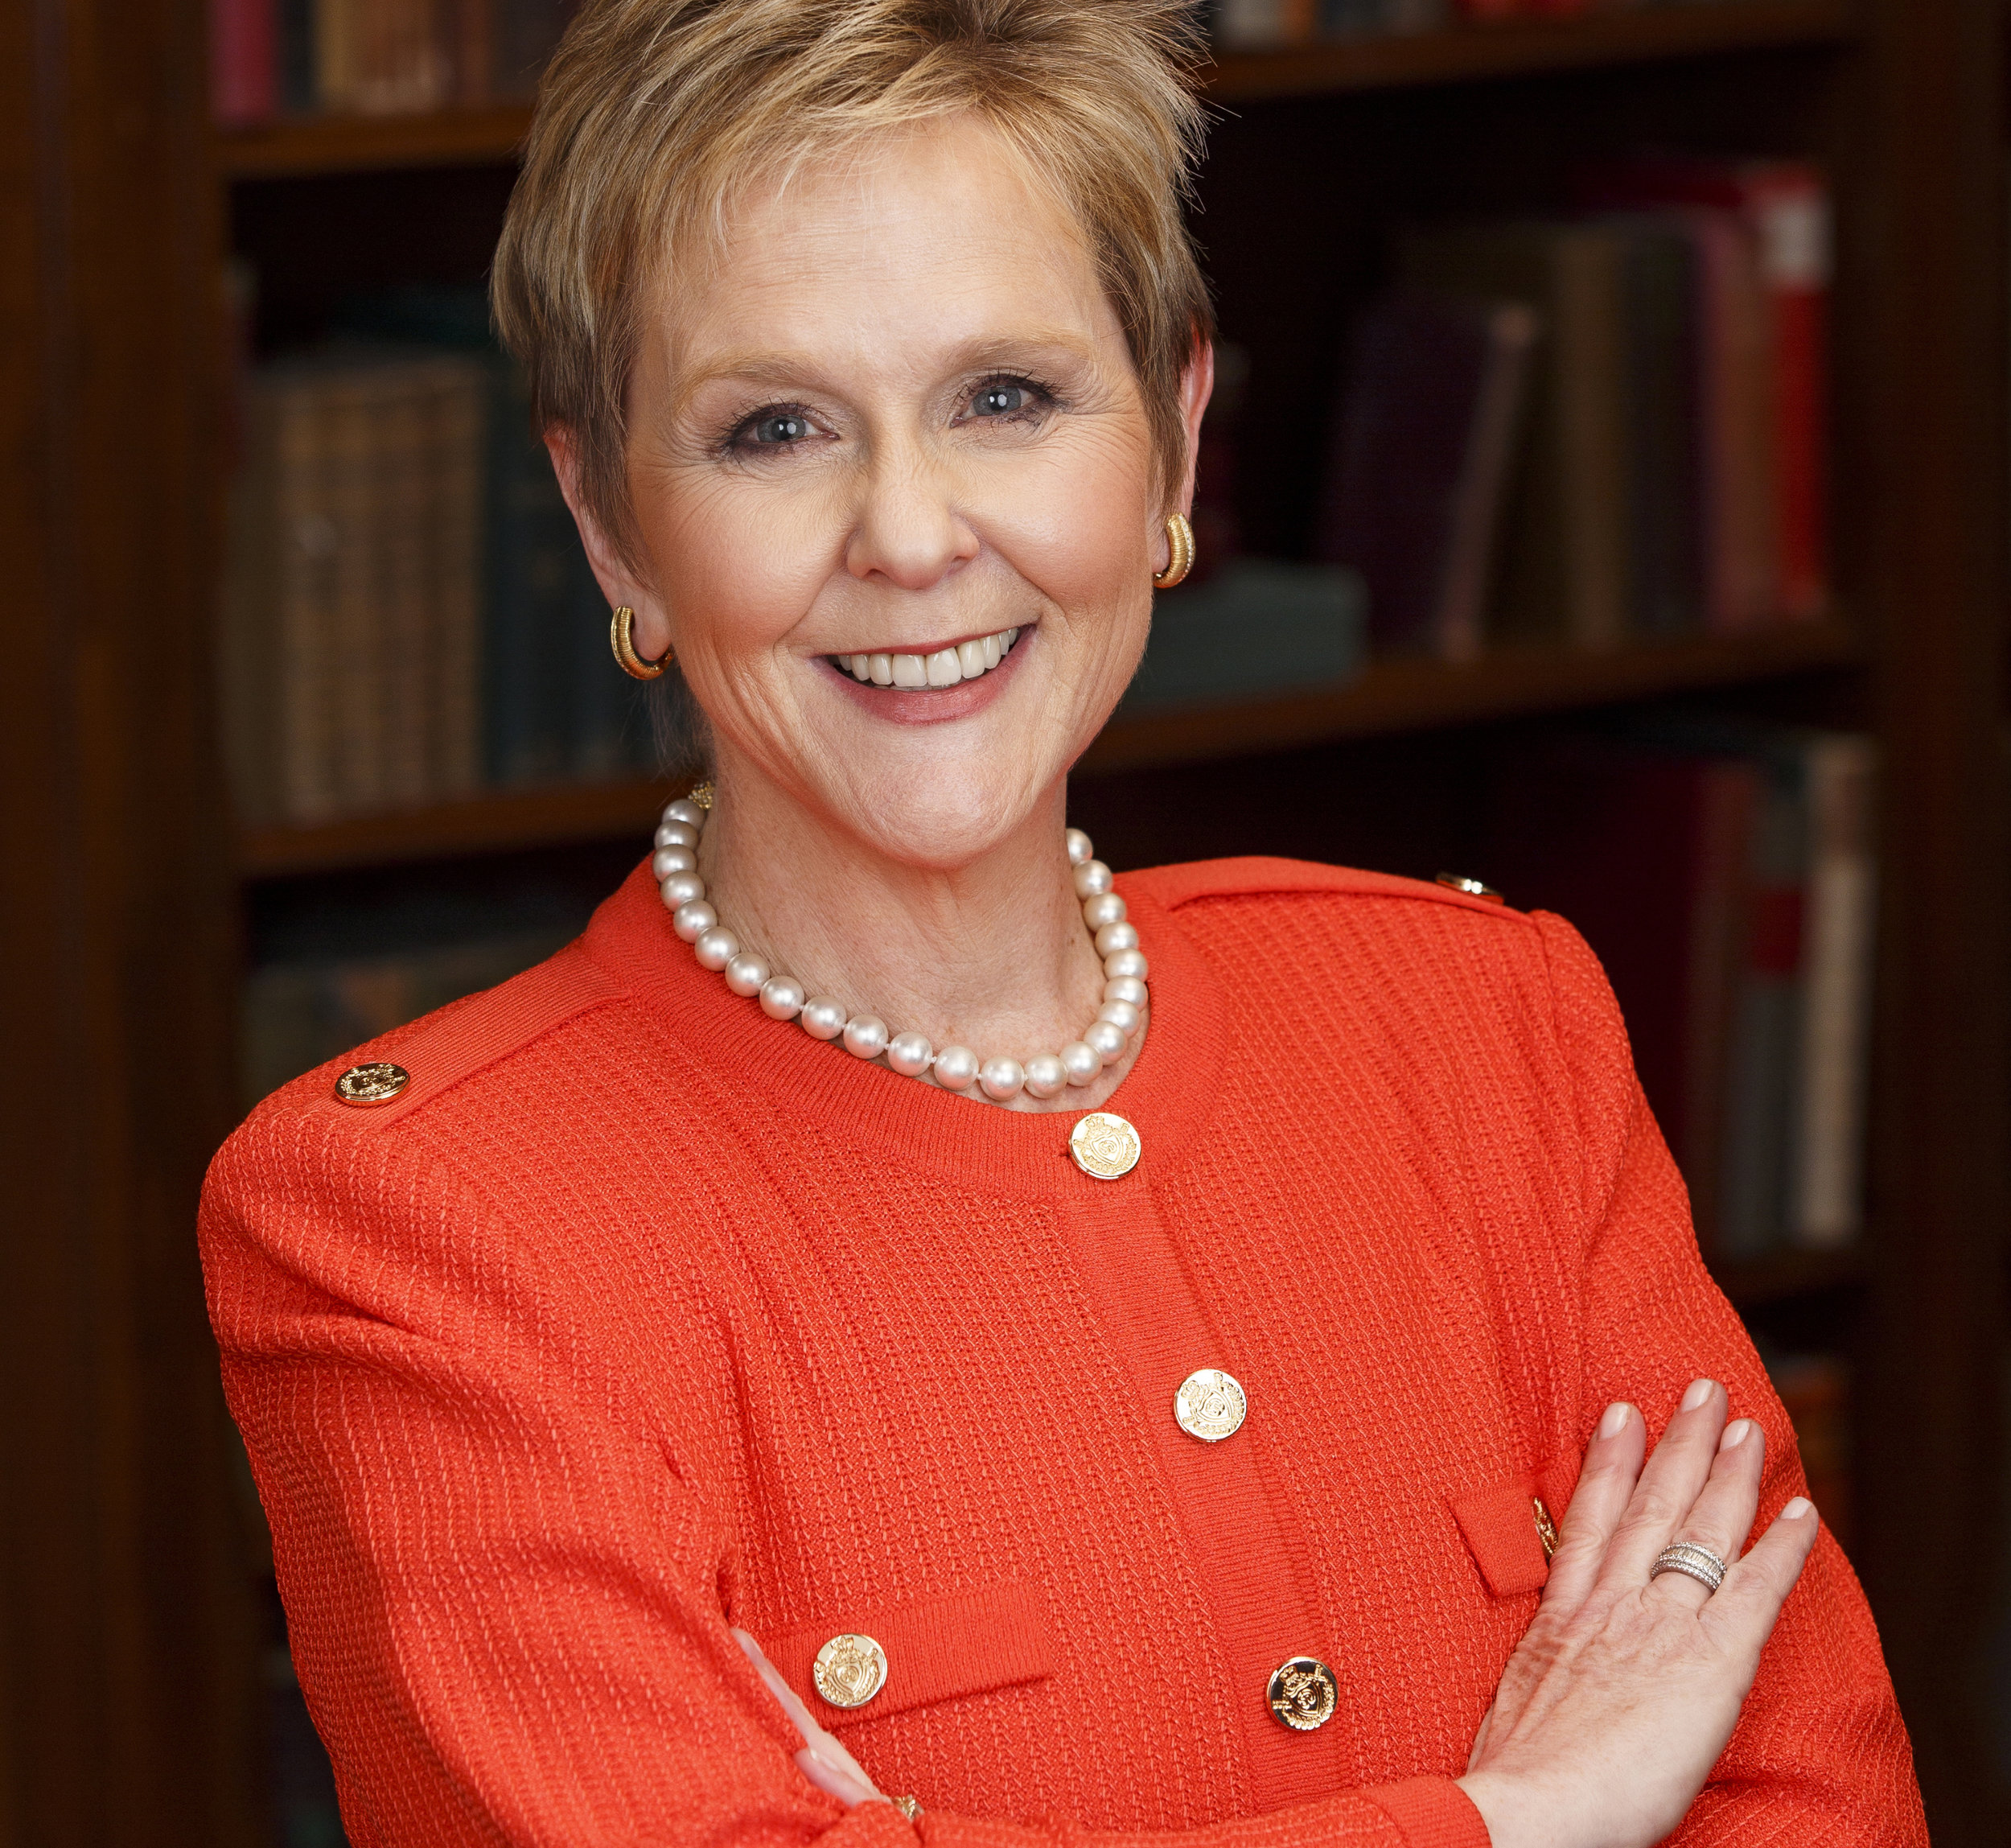 Eileen-Heisman-headshot3-crop1.jpg